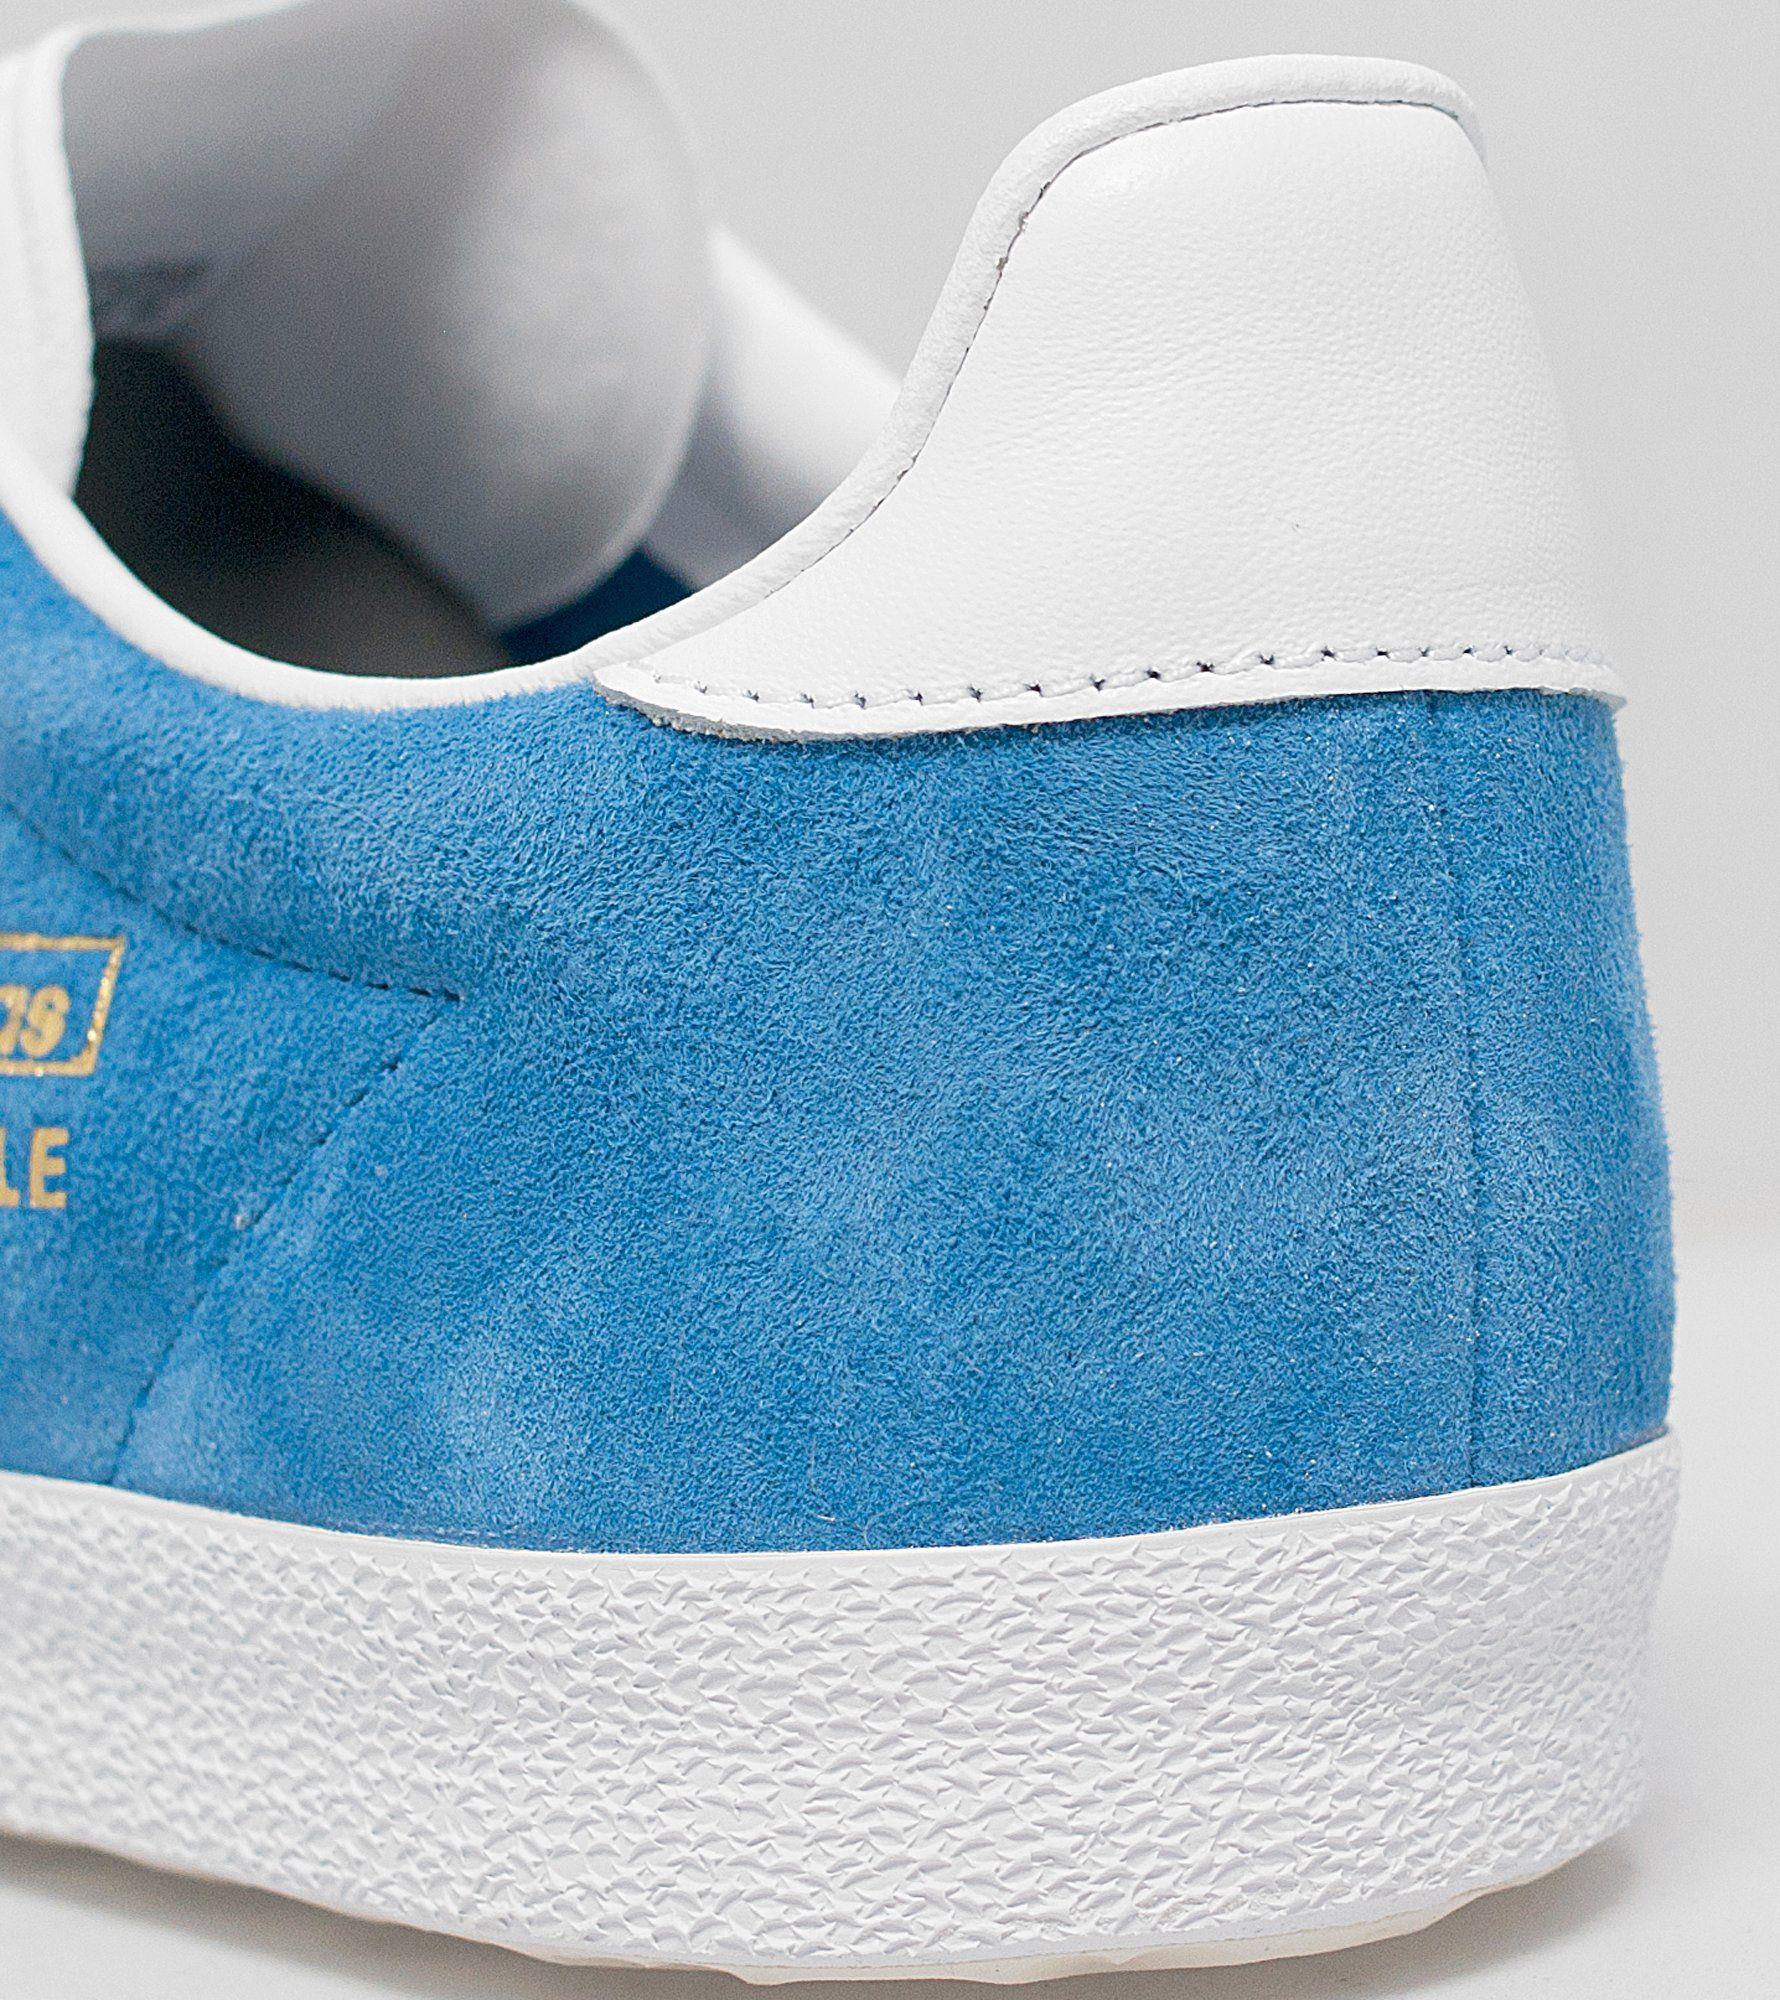 adidas Originals Gazelle OG